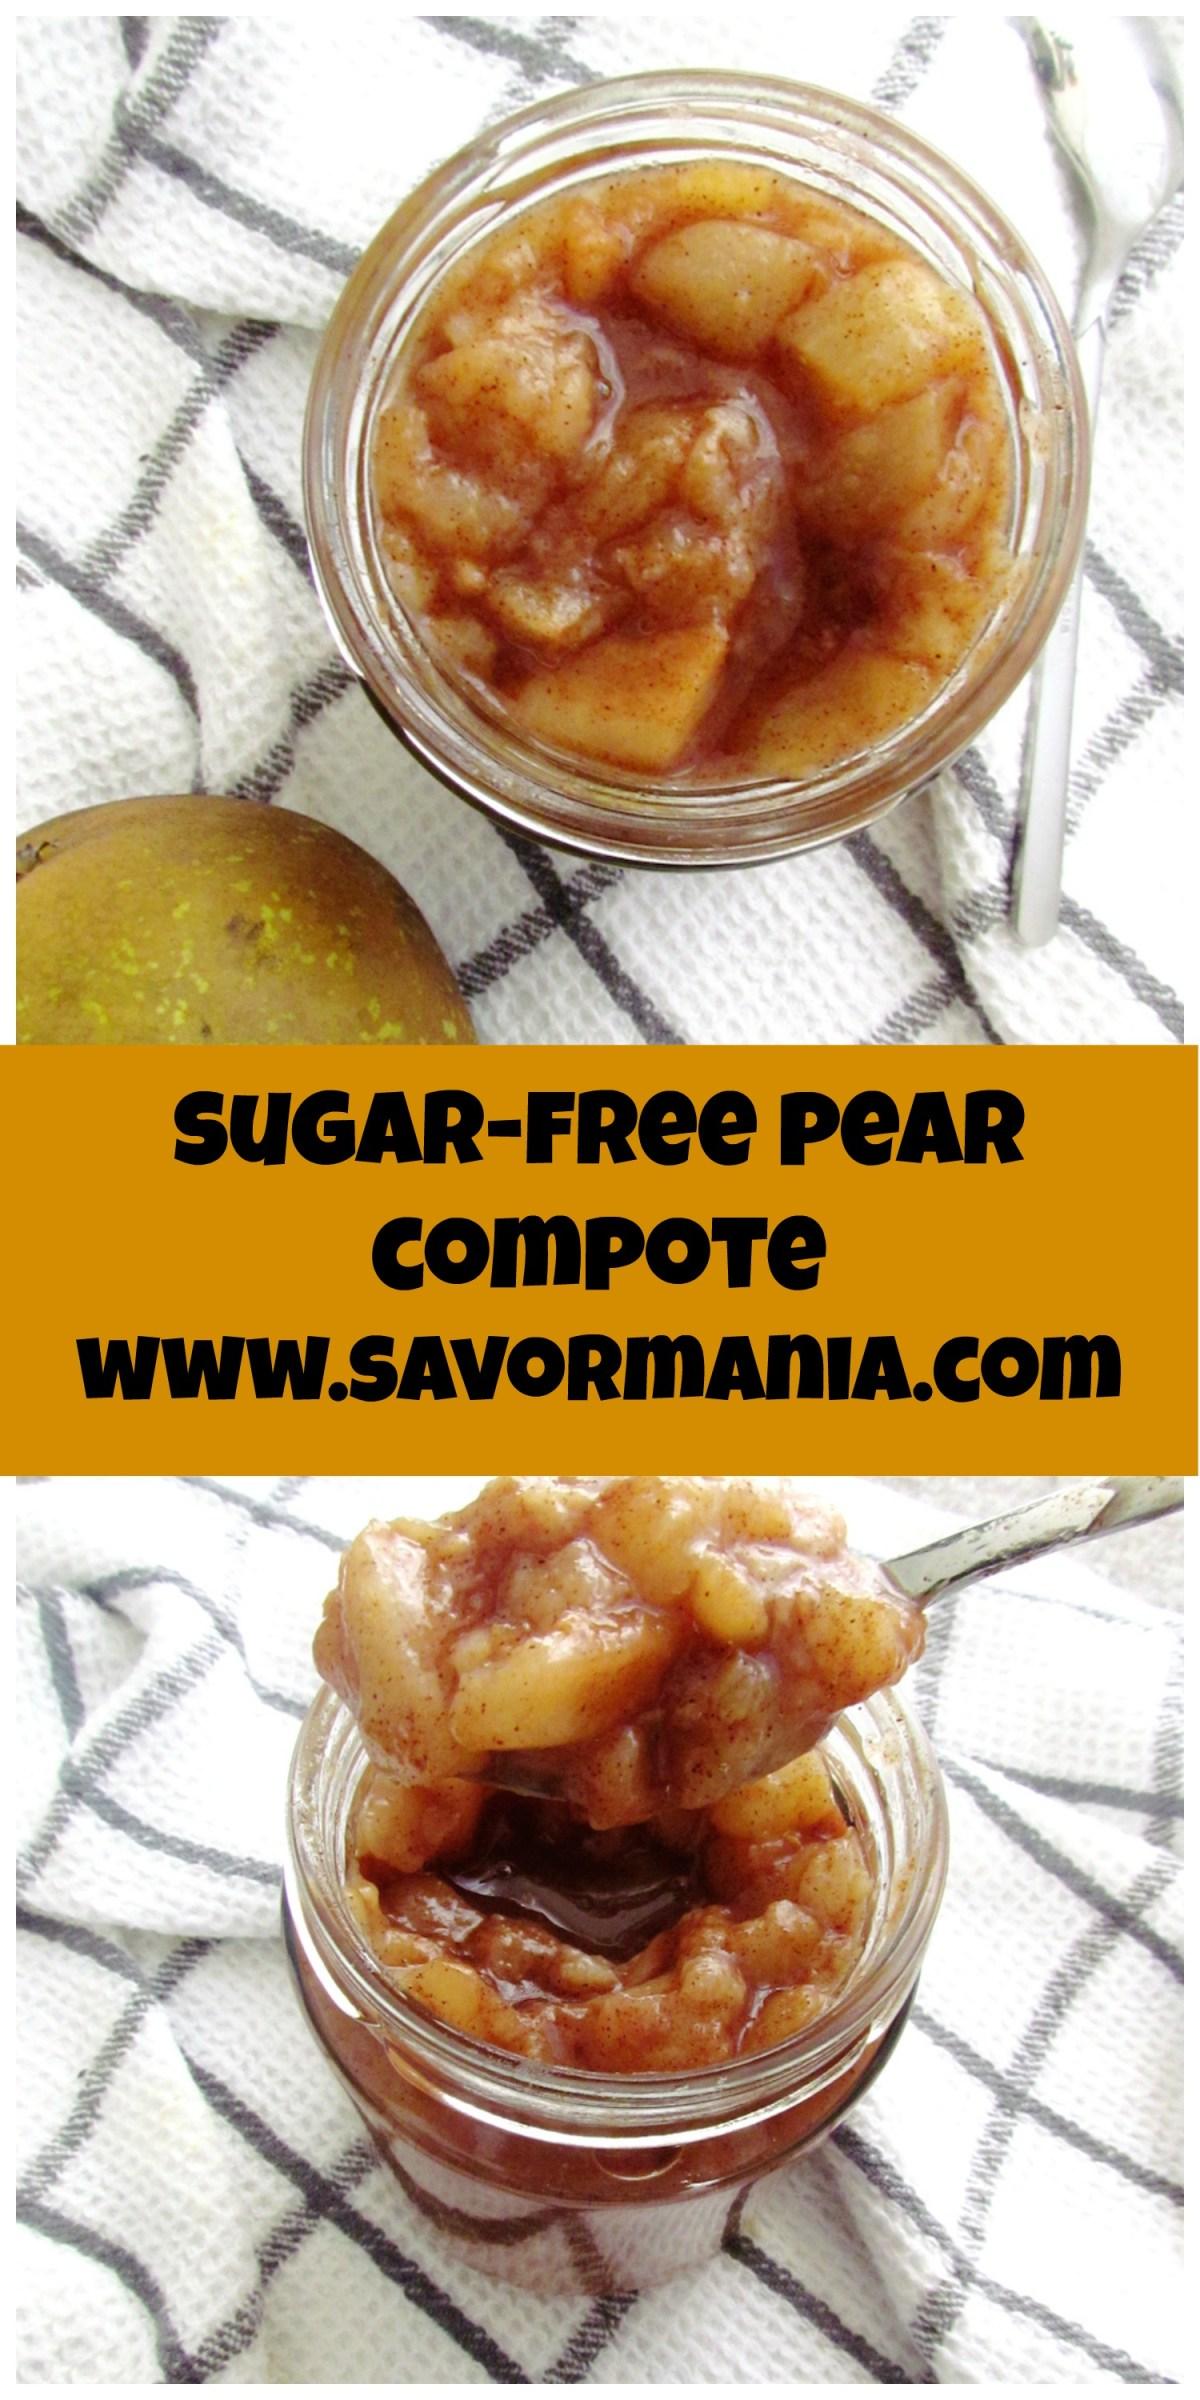 sugar-free pear compote